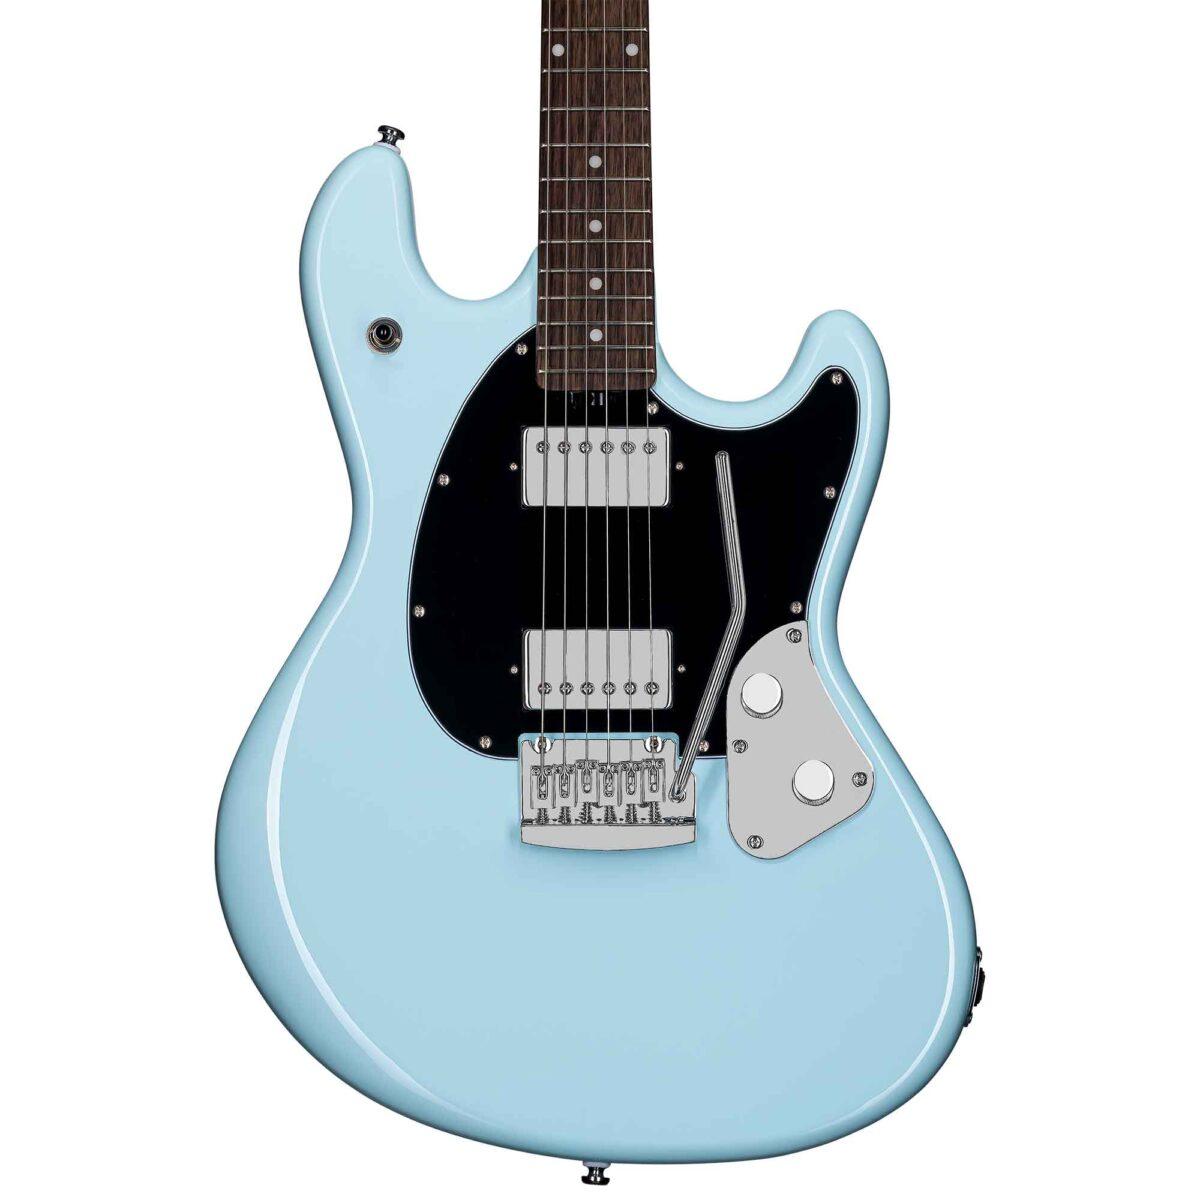 גיטרה חשמלית Sterling by Music Man SR30 StingRay Guitar צבע Daphne Blue